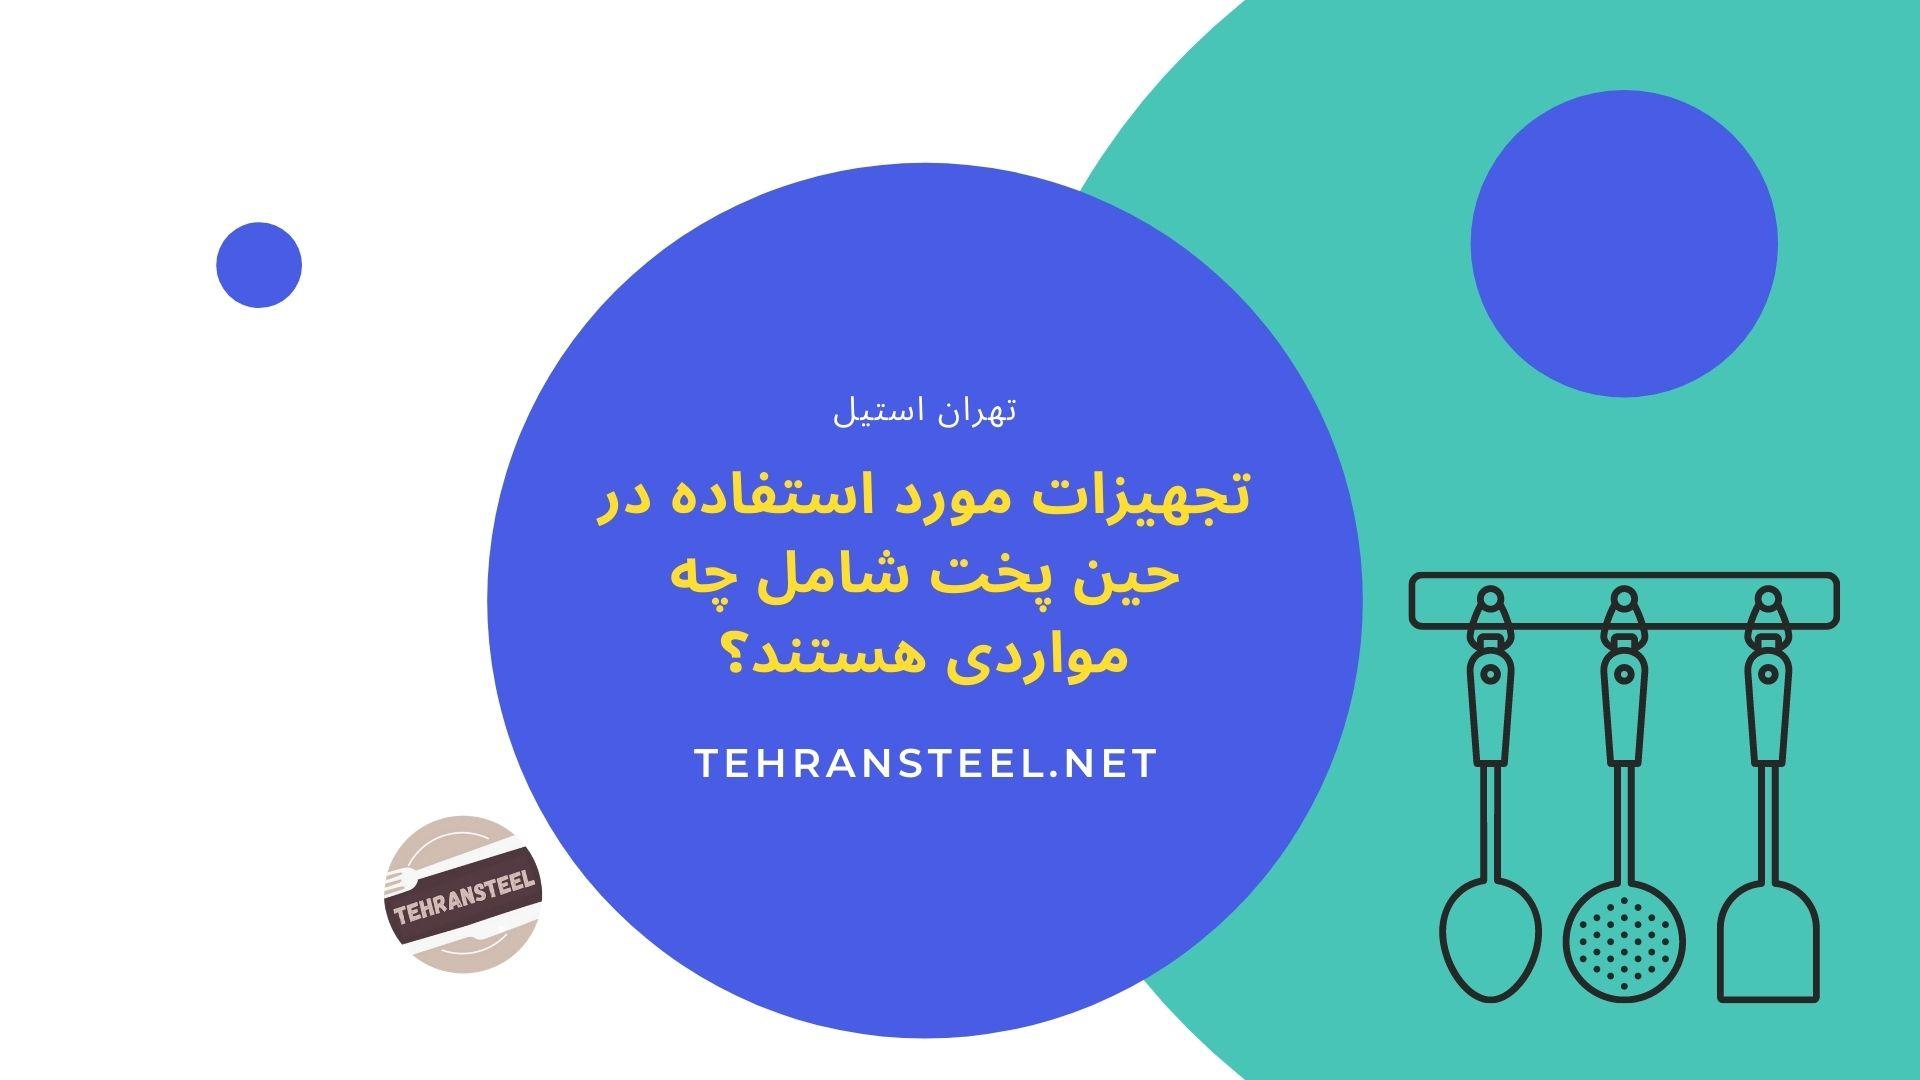 تجهیزات مورد استفاده در حین پخت شامل چه مواردی هستند؟